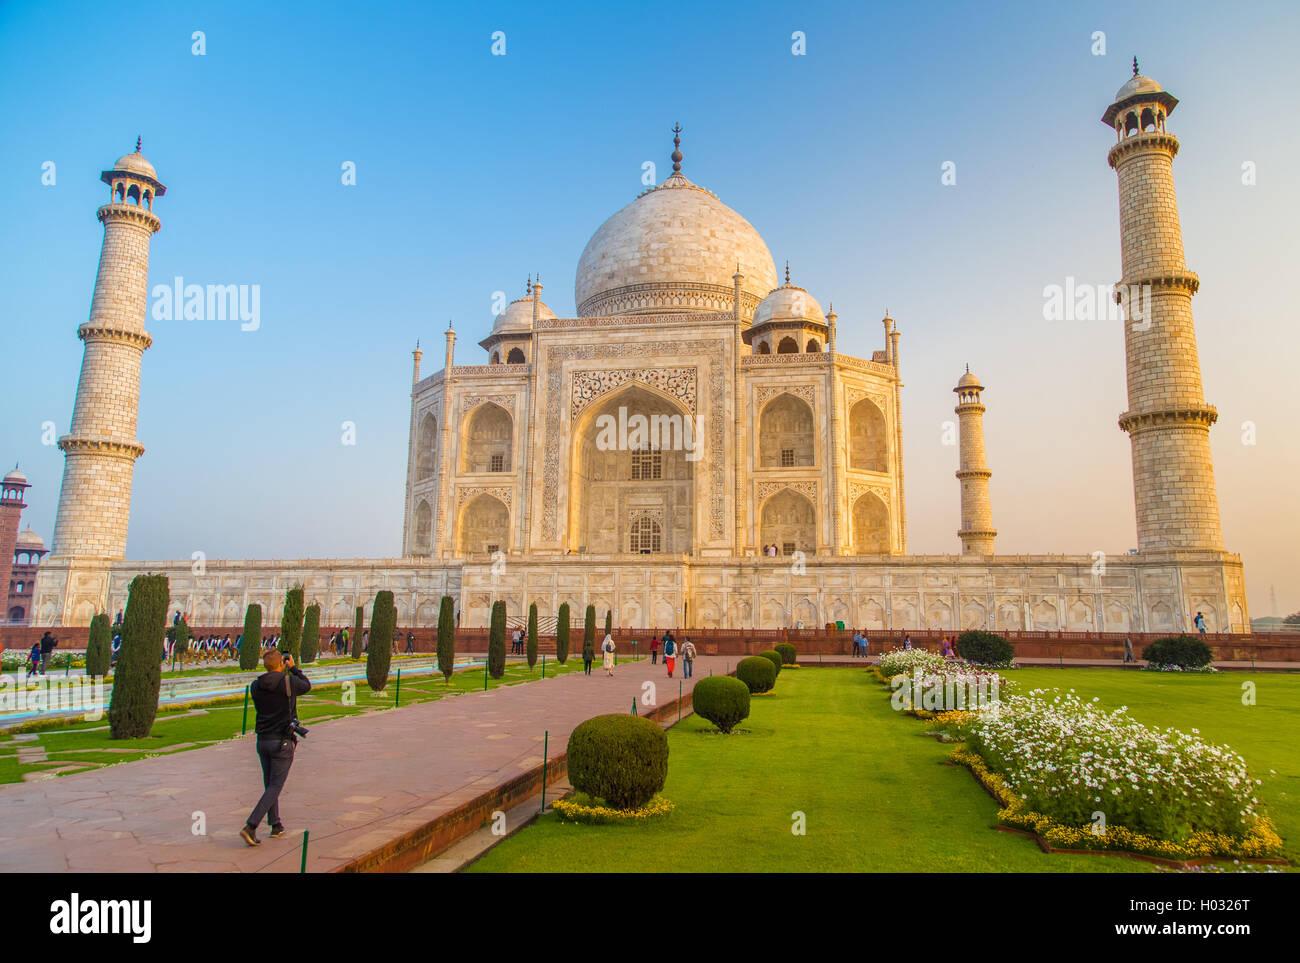 AGRA, India - 28 de febrero de 2015: Vista del Taj Mahal hacia el lado sur. Visitante con cámara. Imagen De Stock